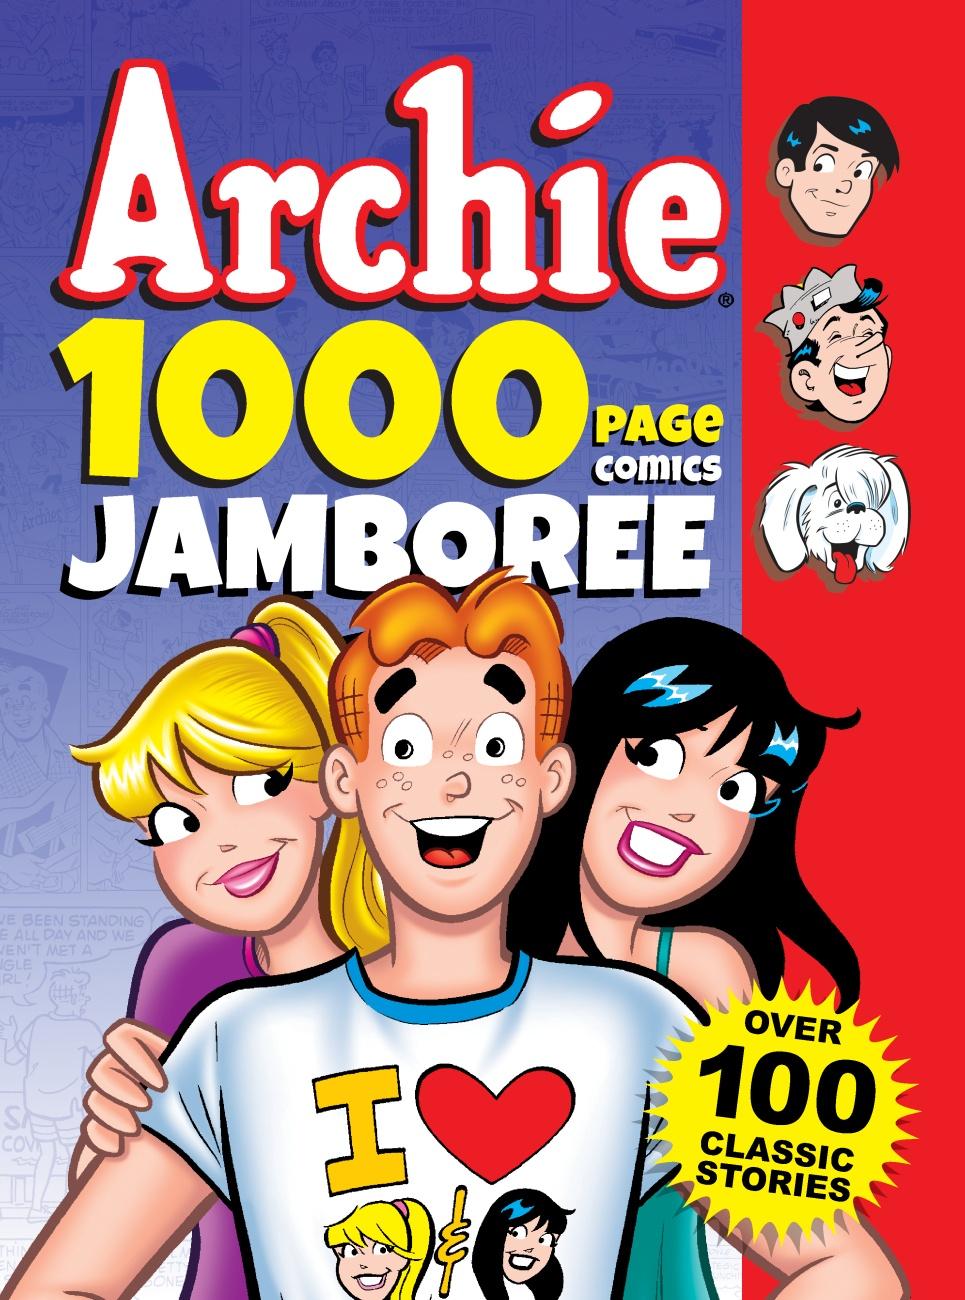 ARCHIE 1000 PG COMICS JAMBOREE